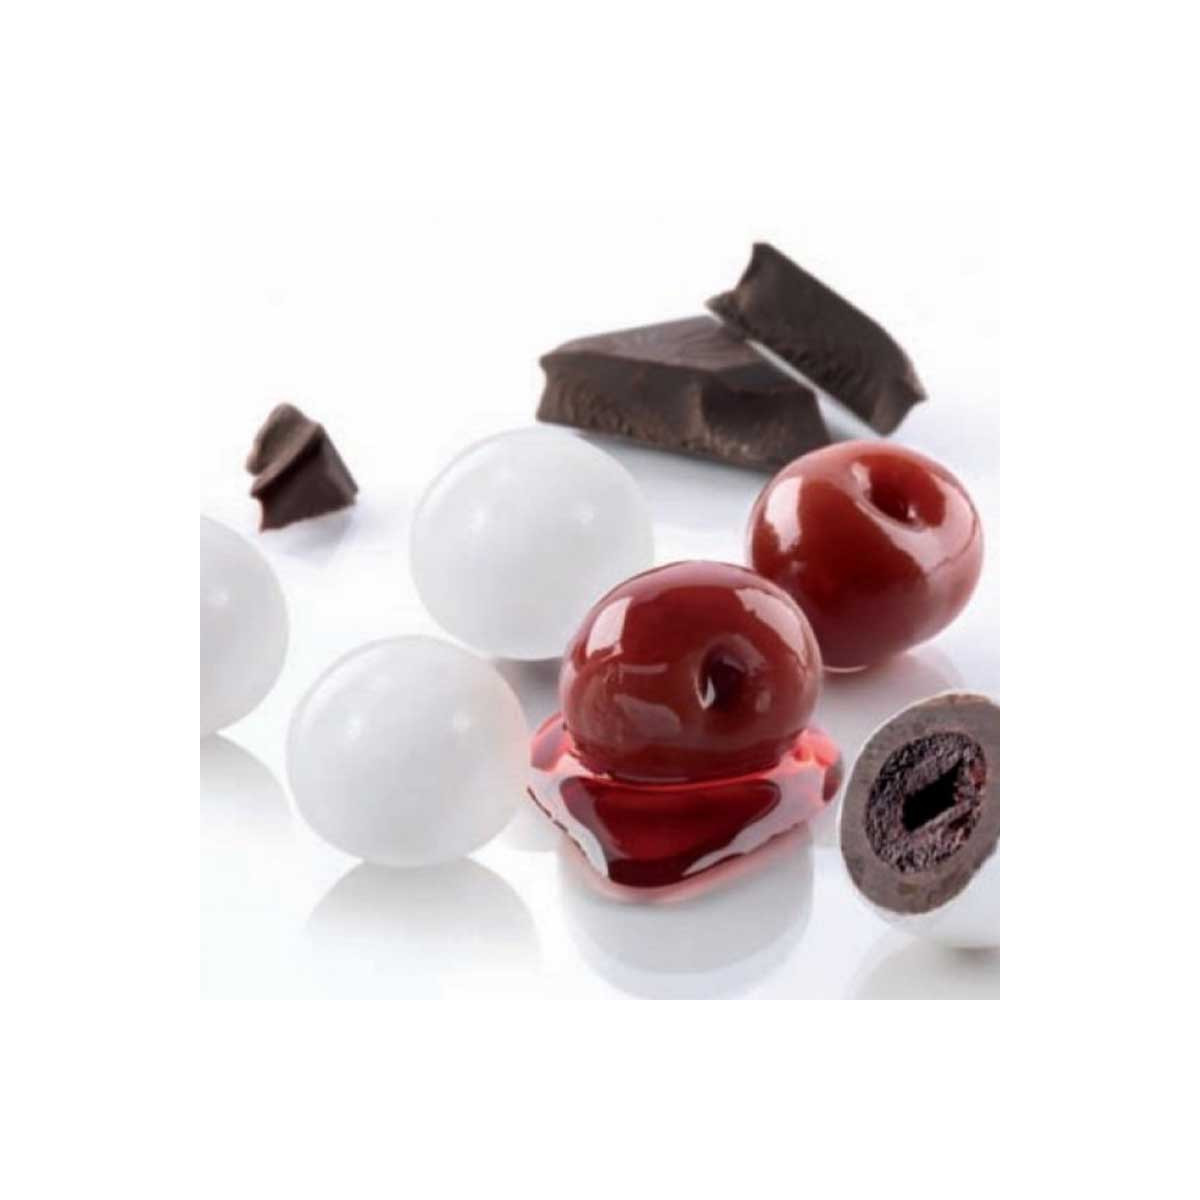 1kg Dragées Blanc - Cerise Confite Cacao